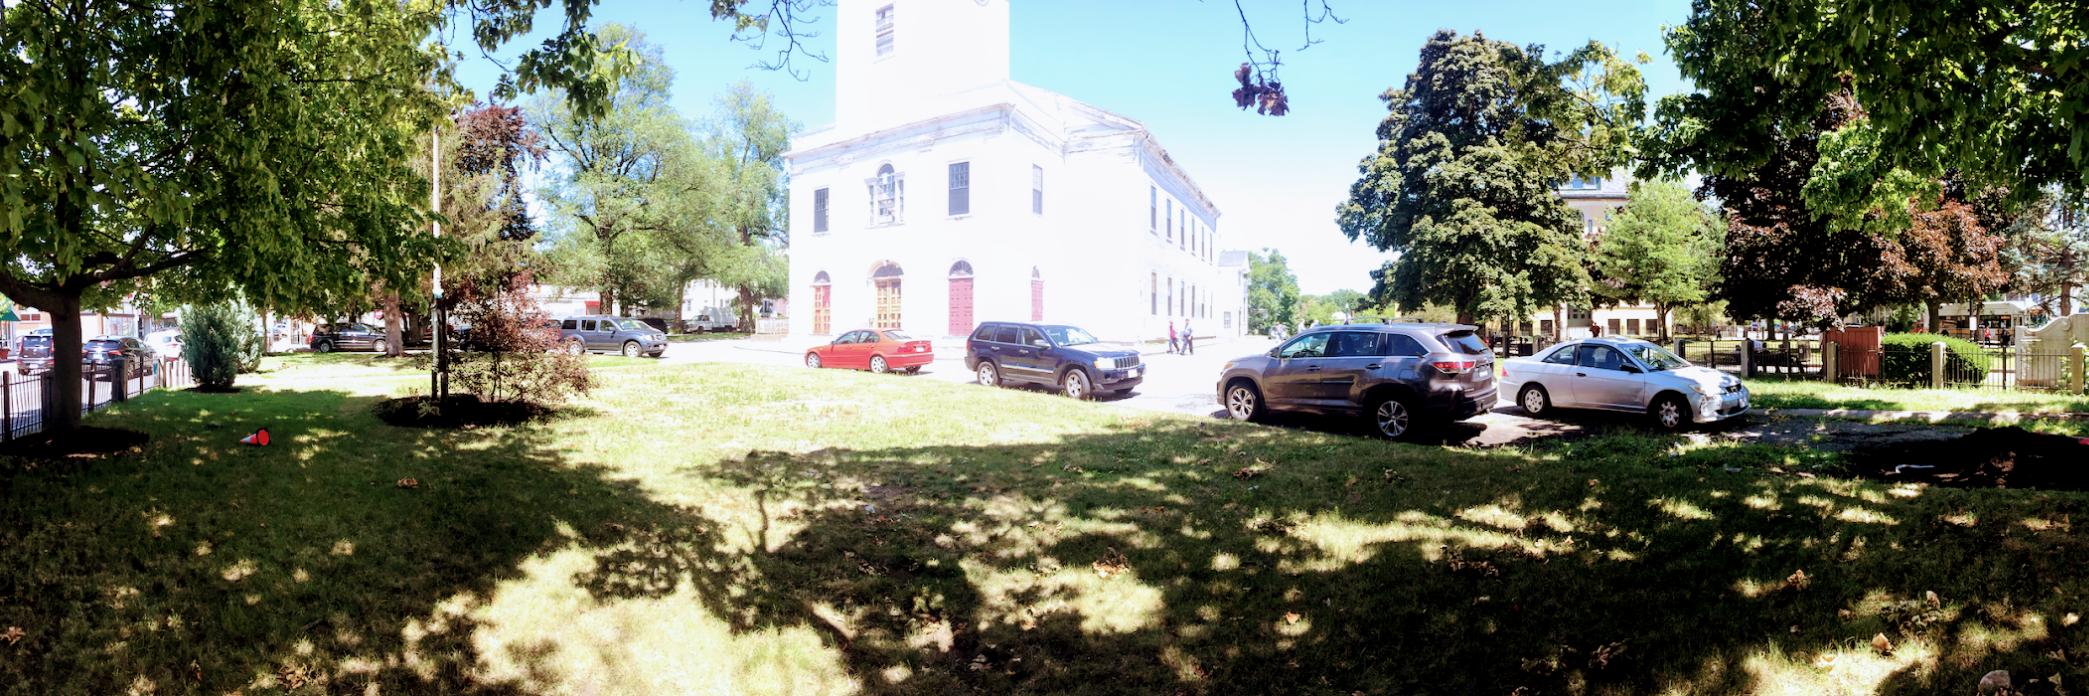 Second Church in Codman Square, Dorchester.